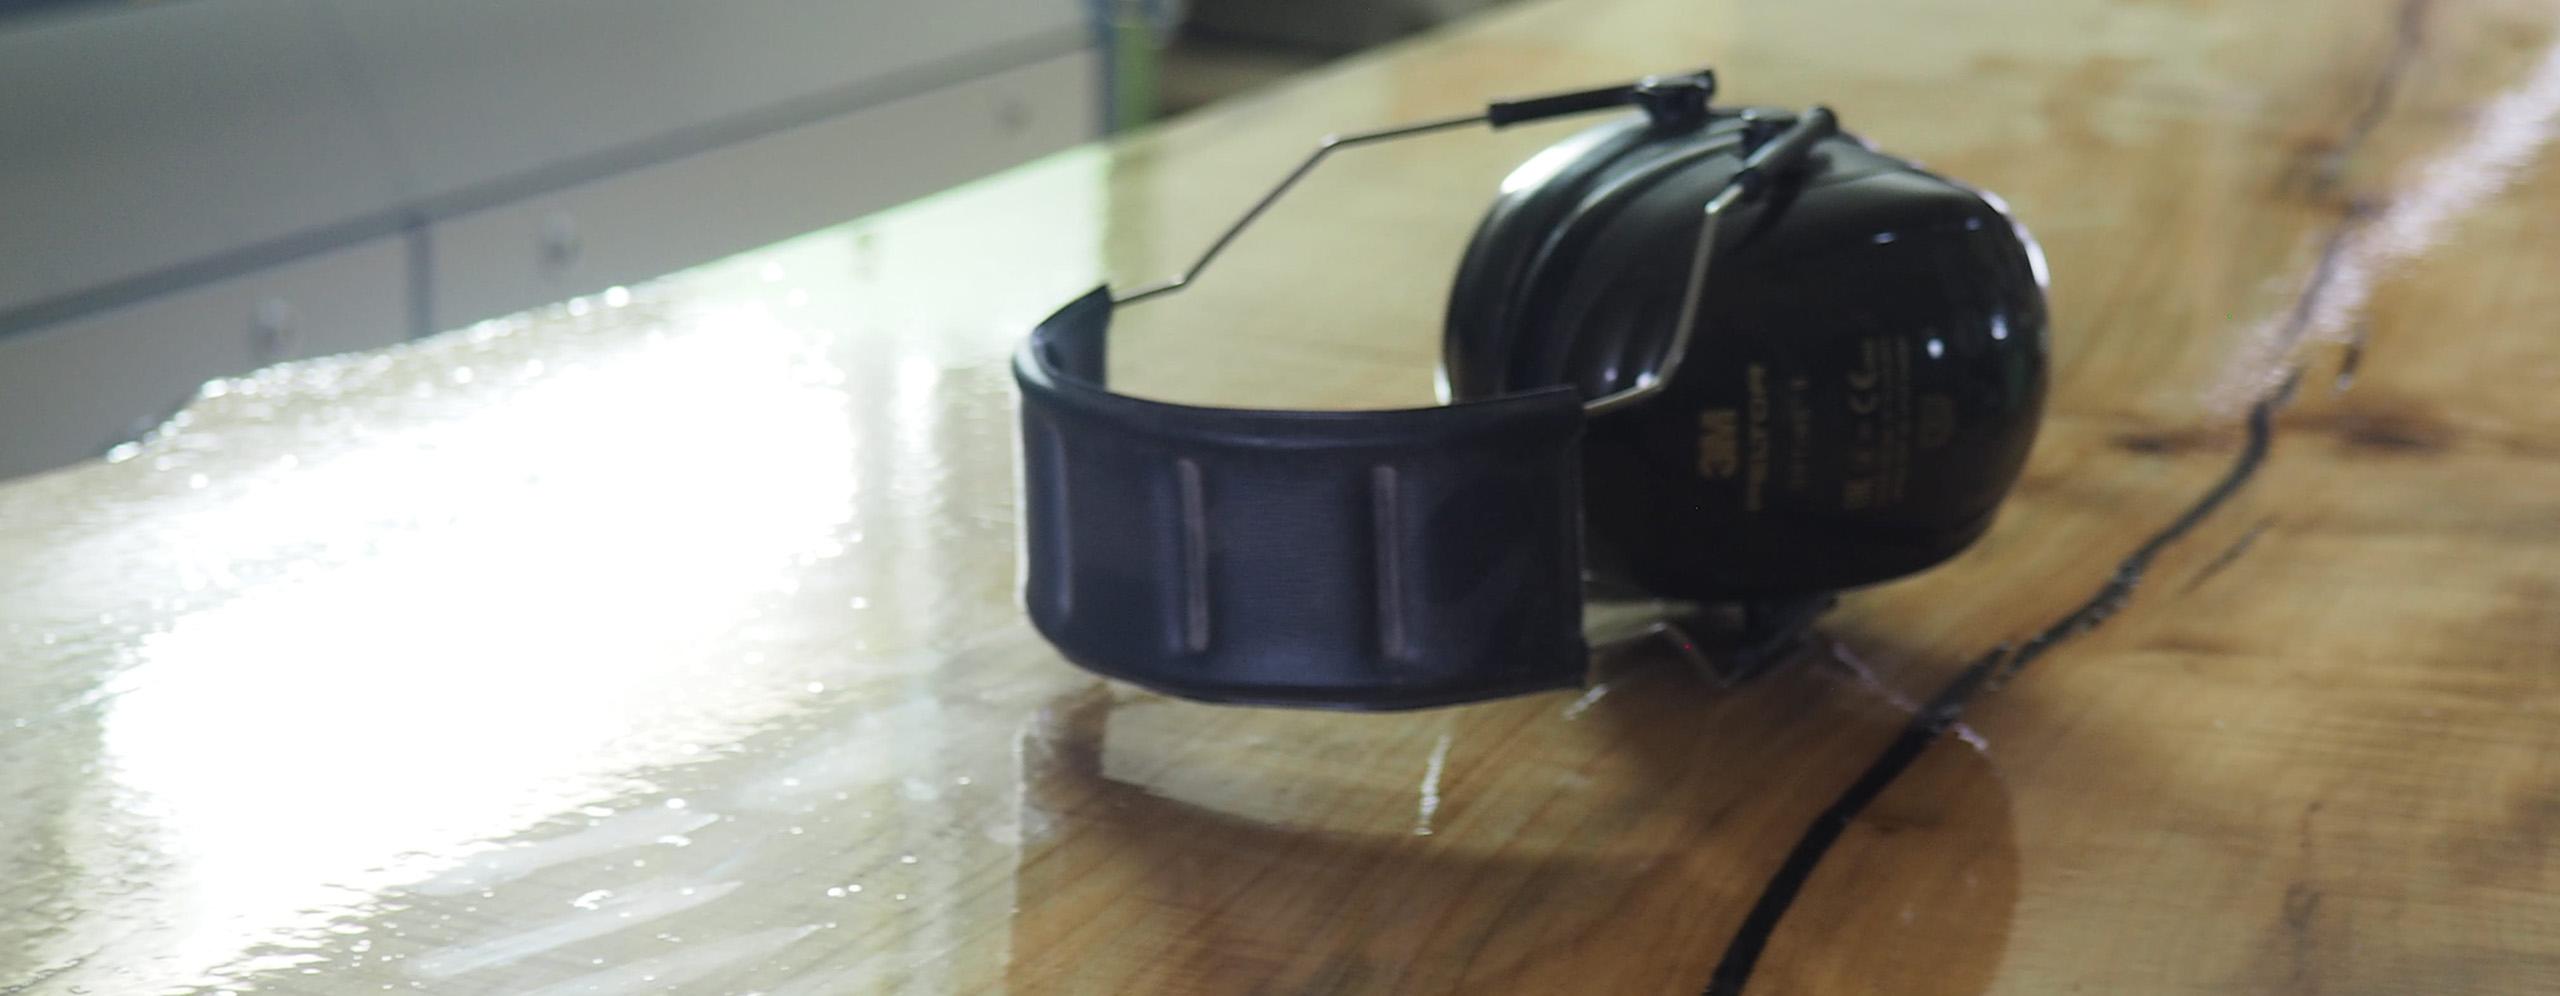 Gehörschutz-zugeschnitten